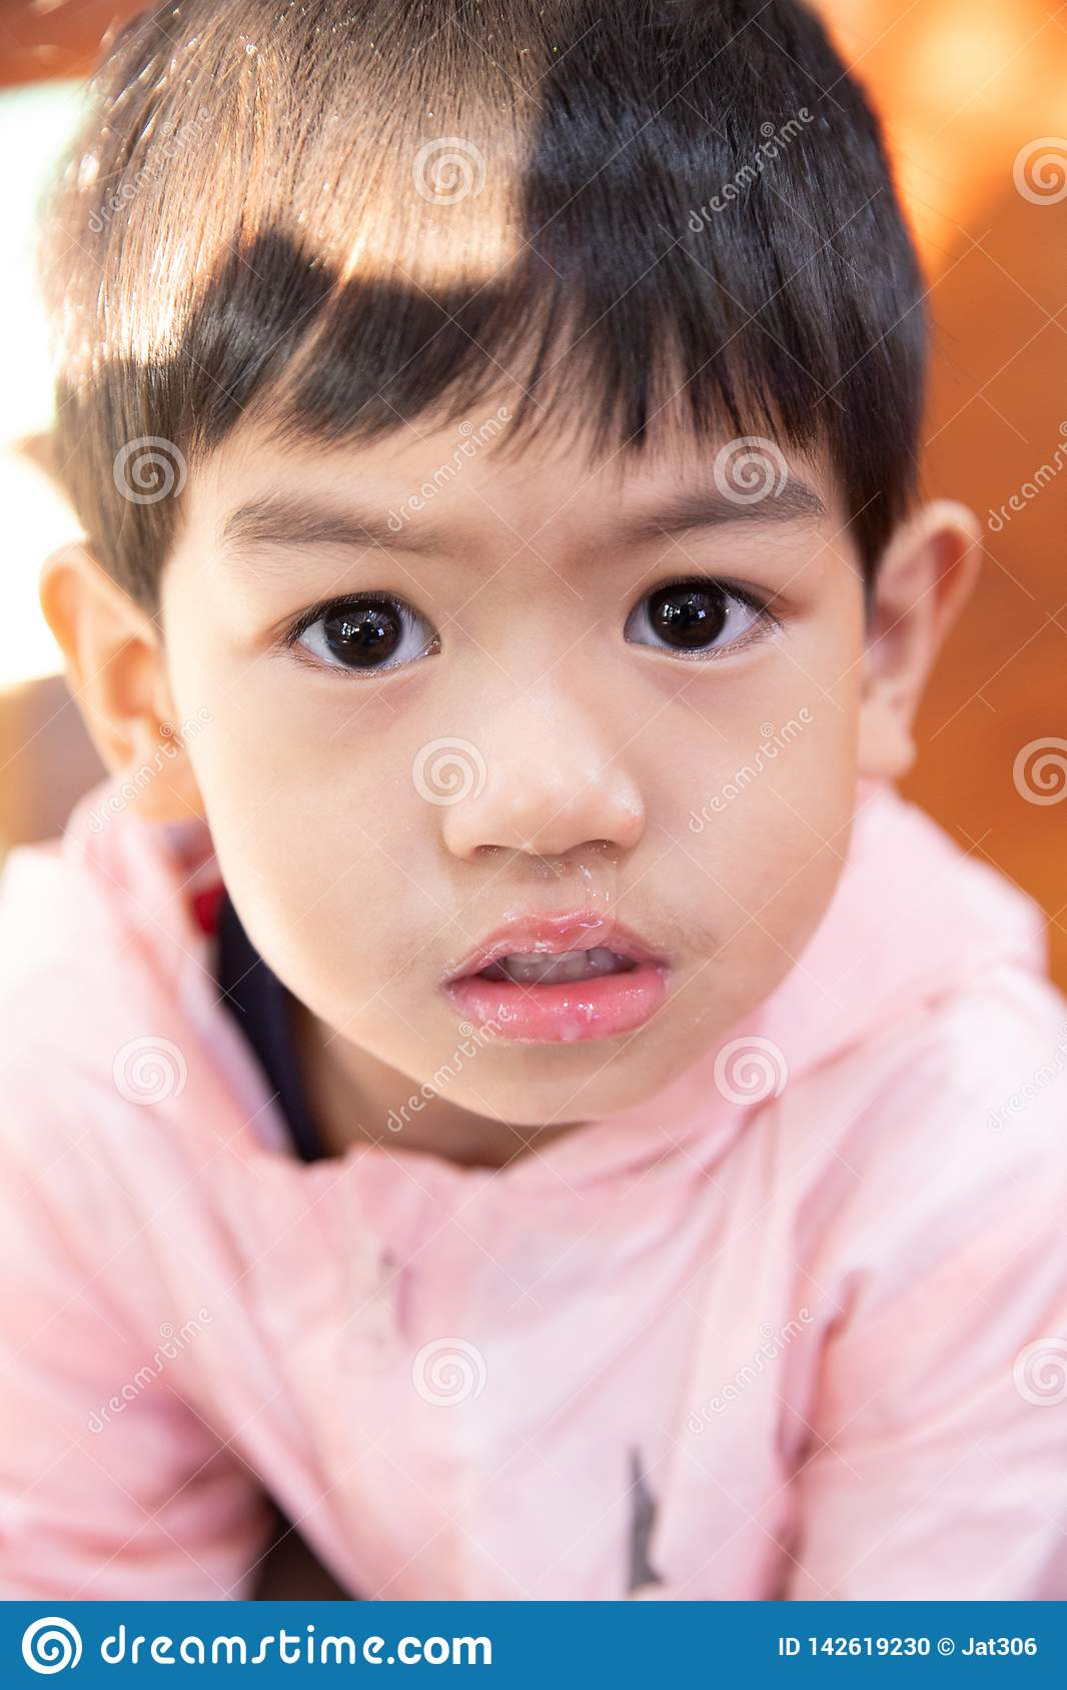 Sluit omhoog slijm die van neus stromen, heeft de Aziatische jongen een lopende neus met duidelijk snot